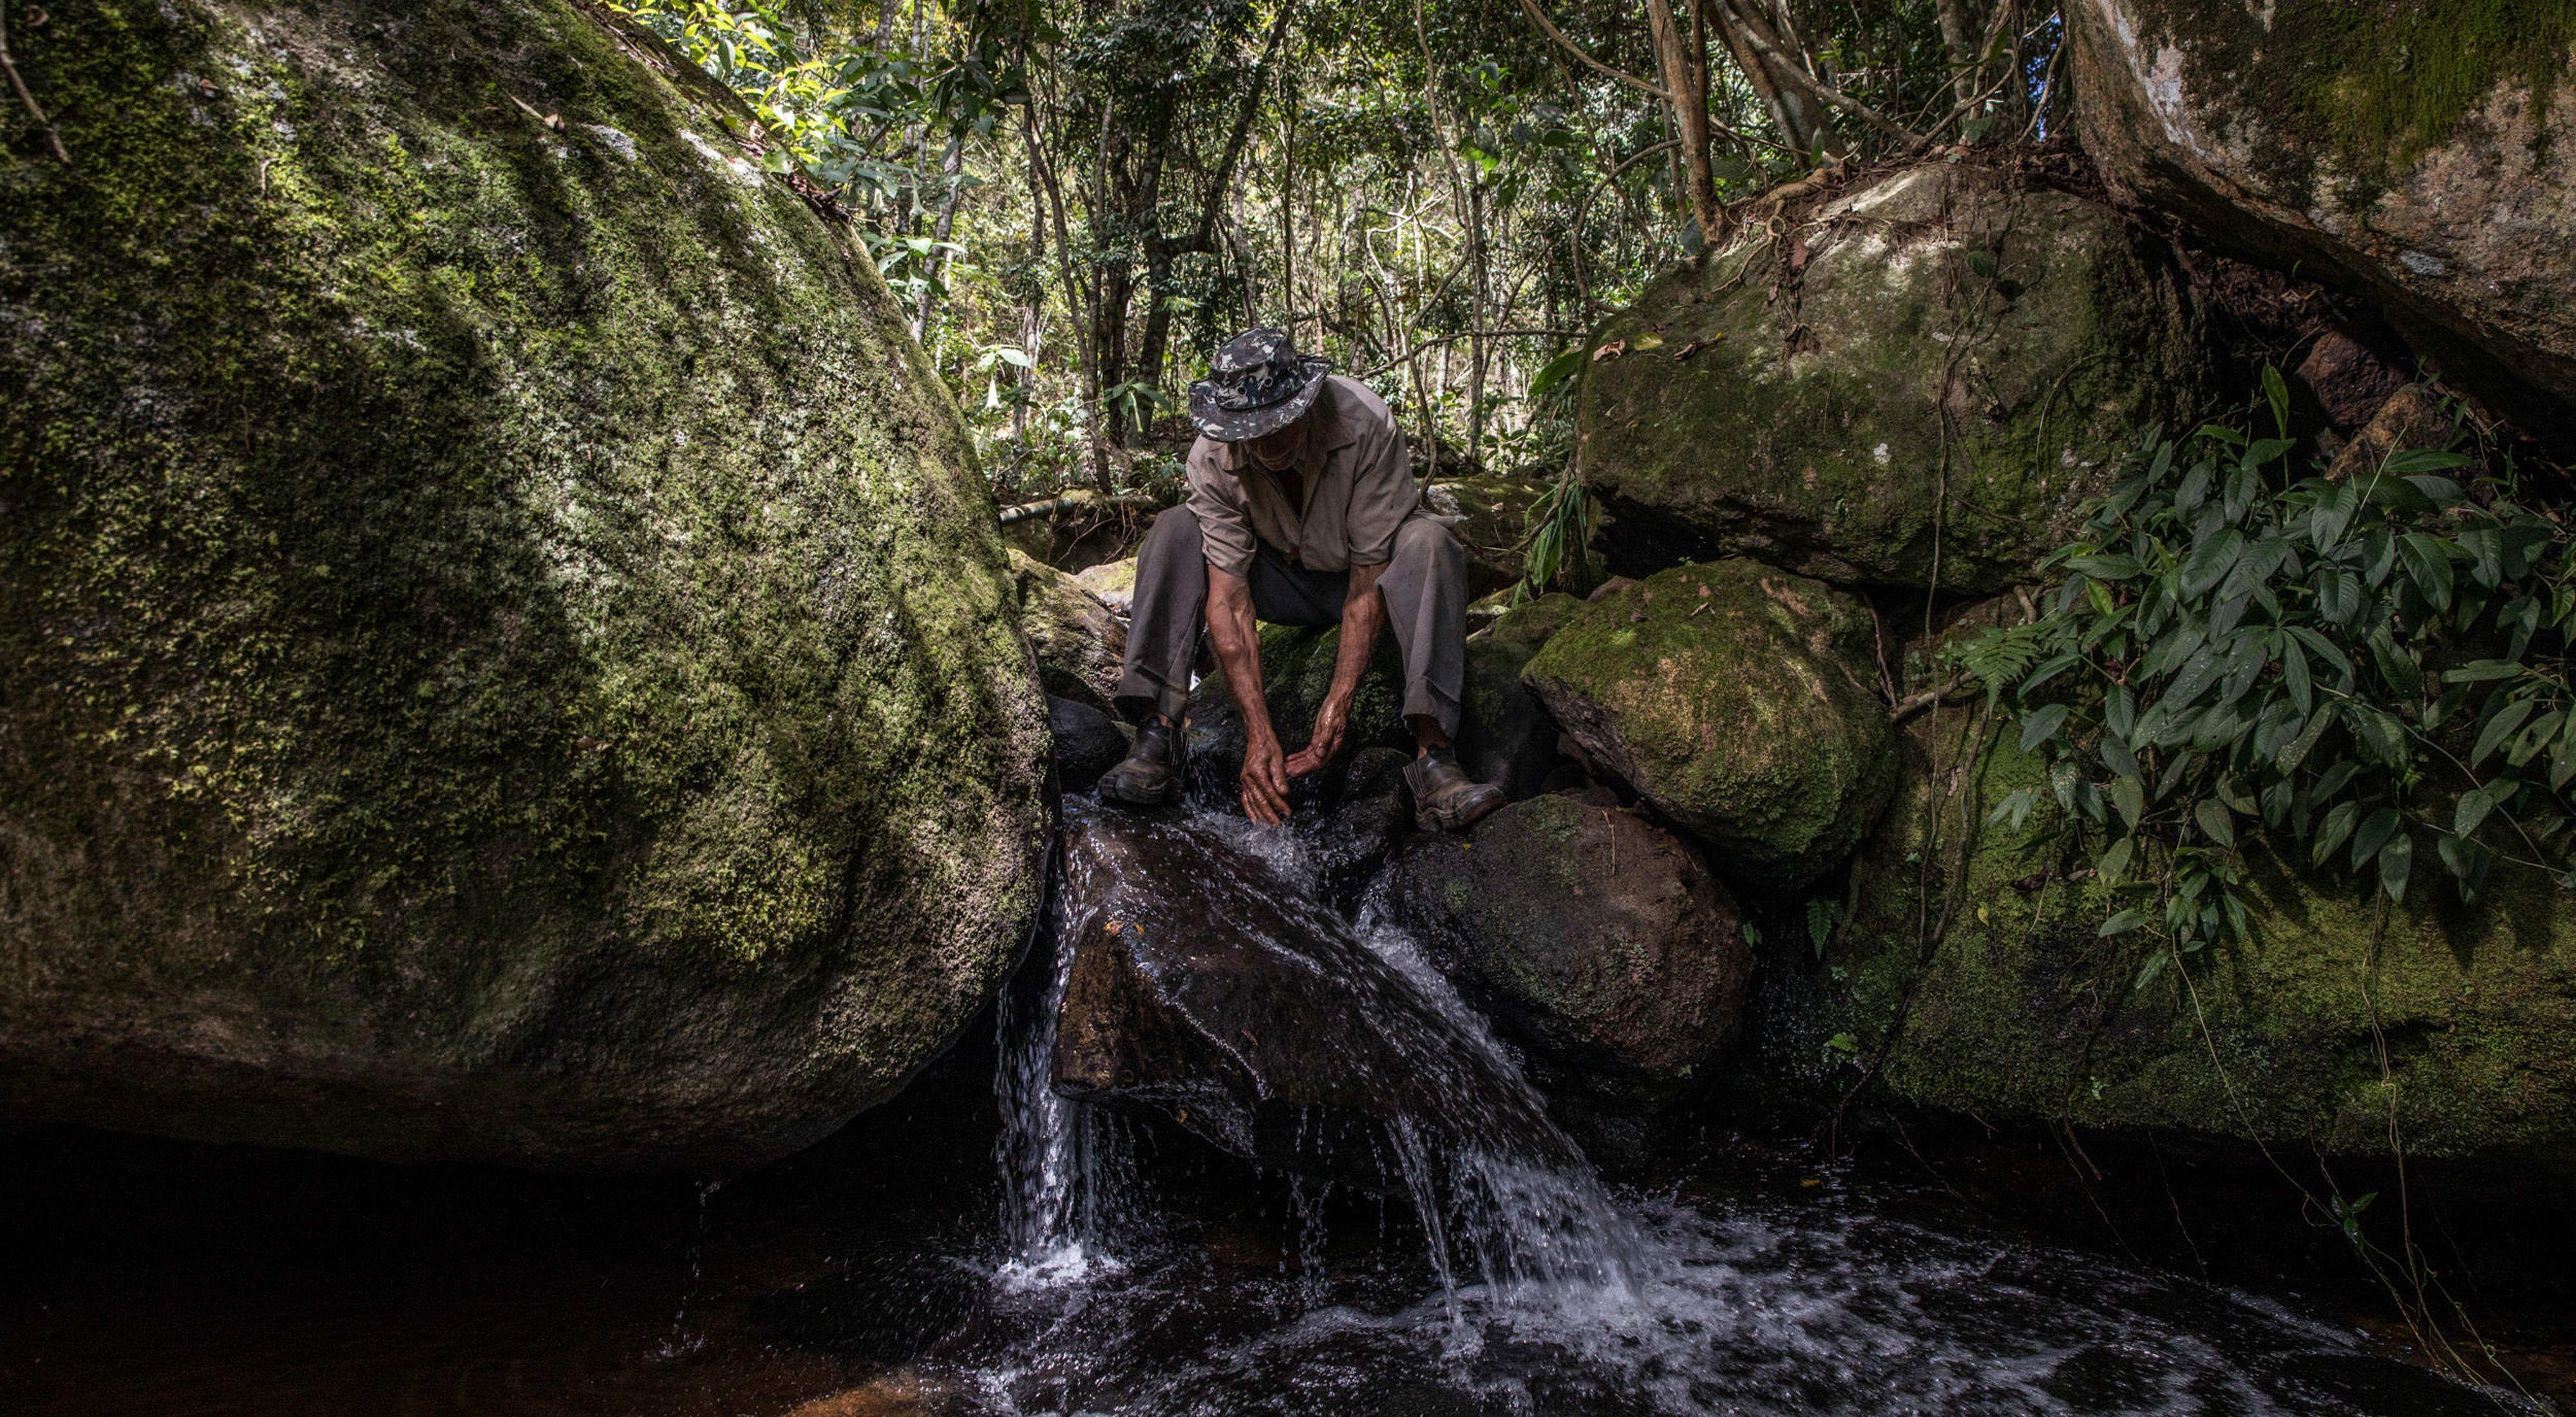 Itamar da Silva lavando as mãos em córrego que ele ajuda a preservar por meio do Pagamento por Serviços Ambientais, em sua propriedade rural em Afonso Cláudio-ES